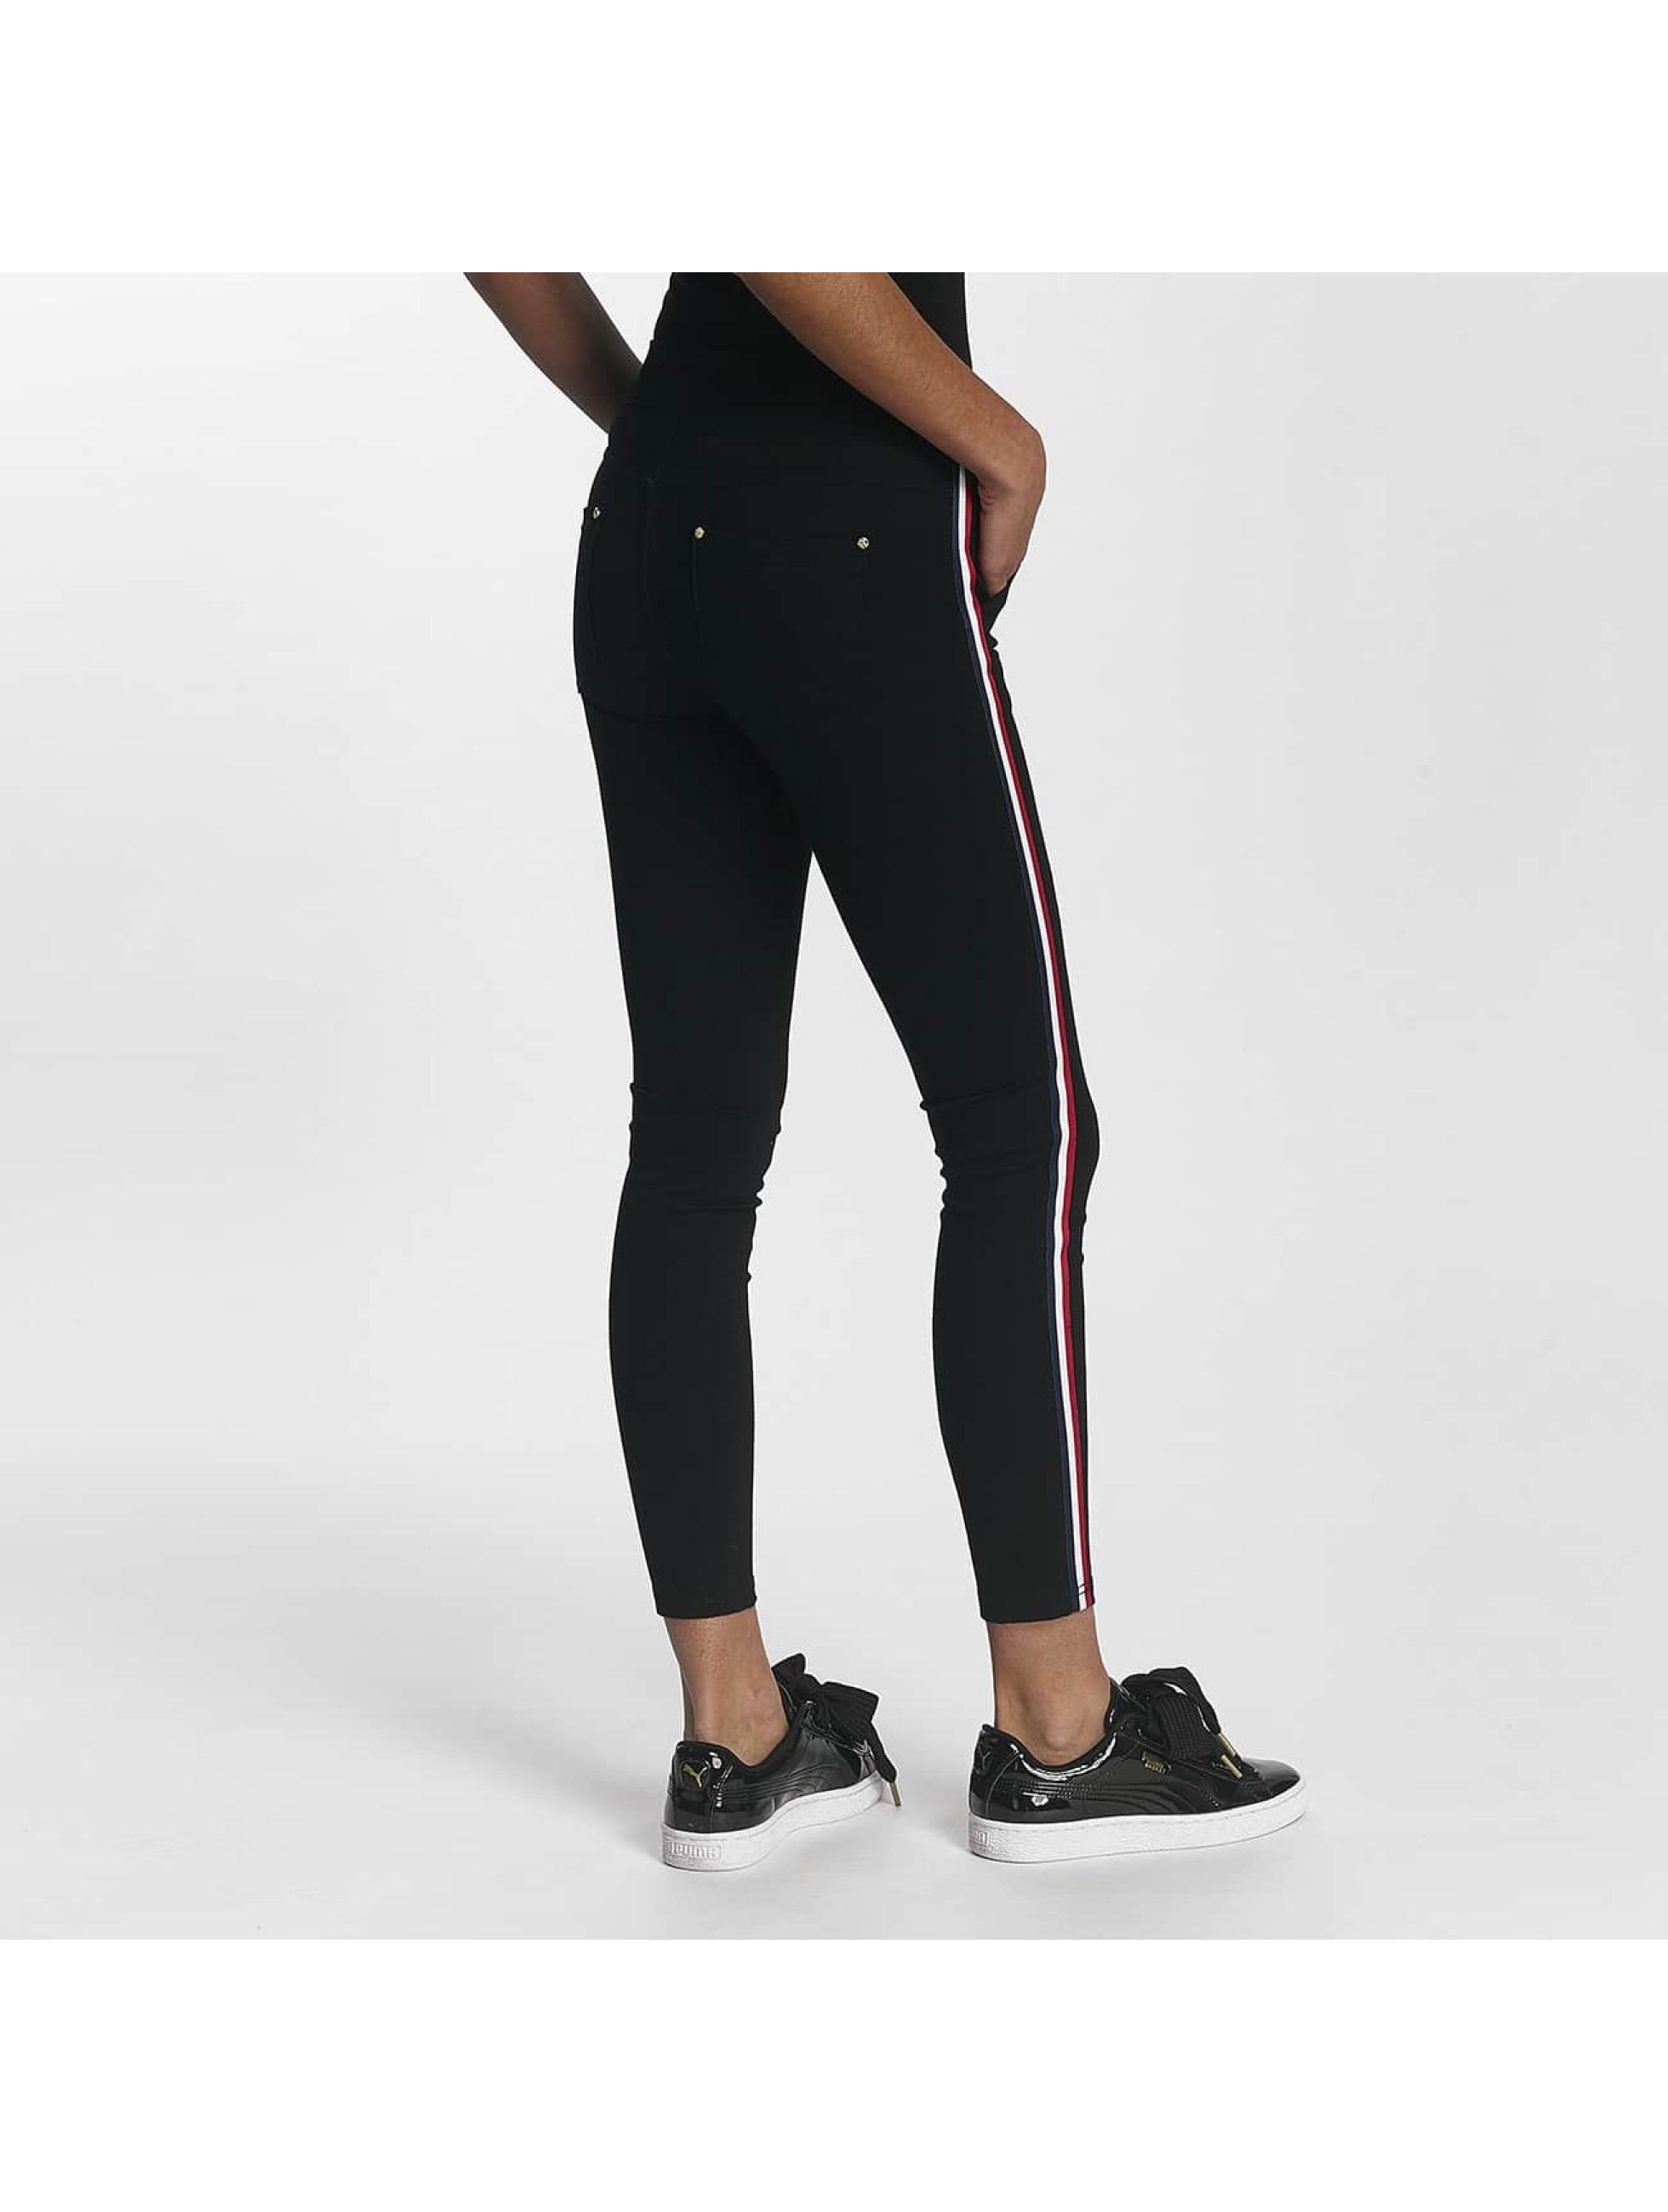 Leg Kings Облегающие джинсы LD Style черный